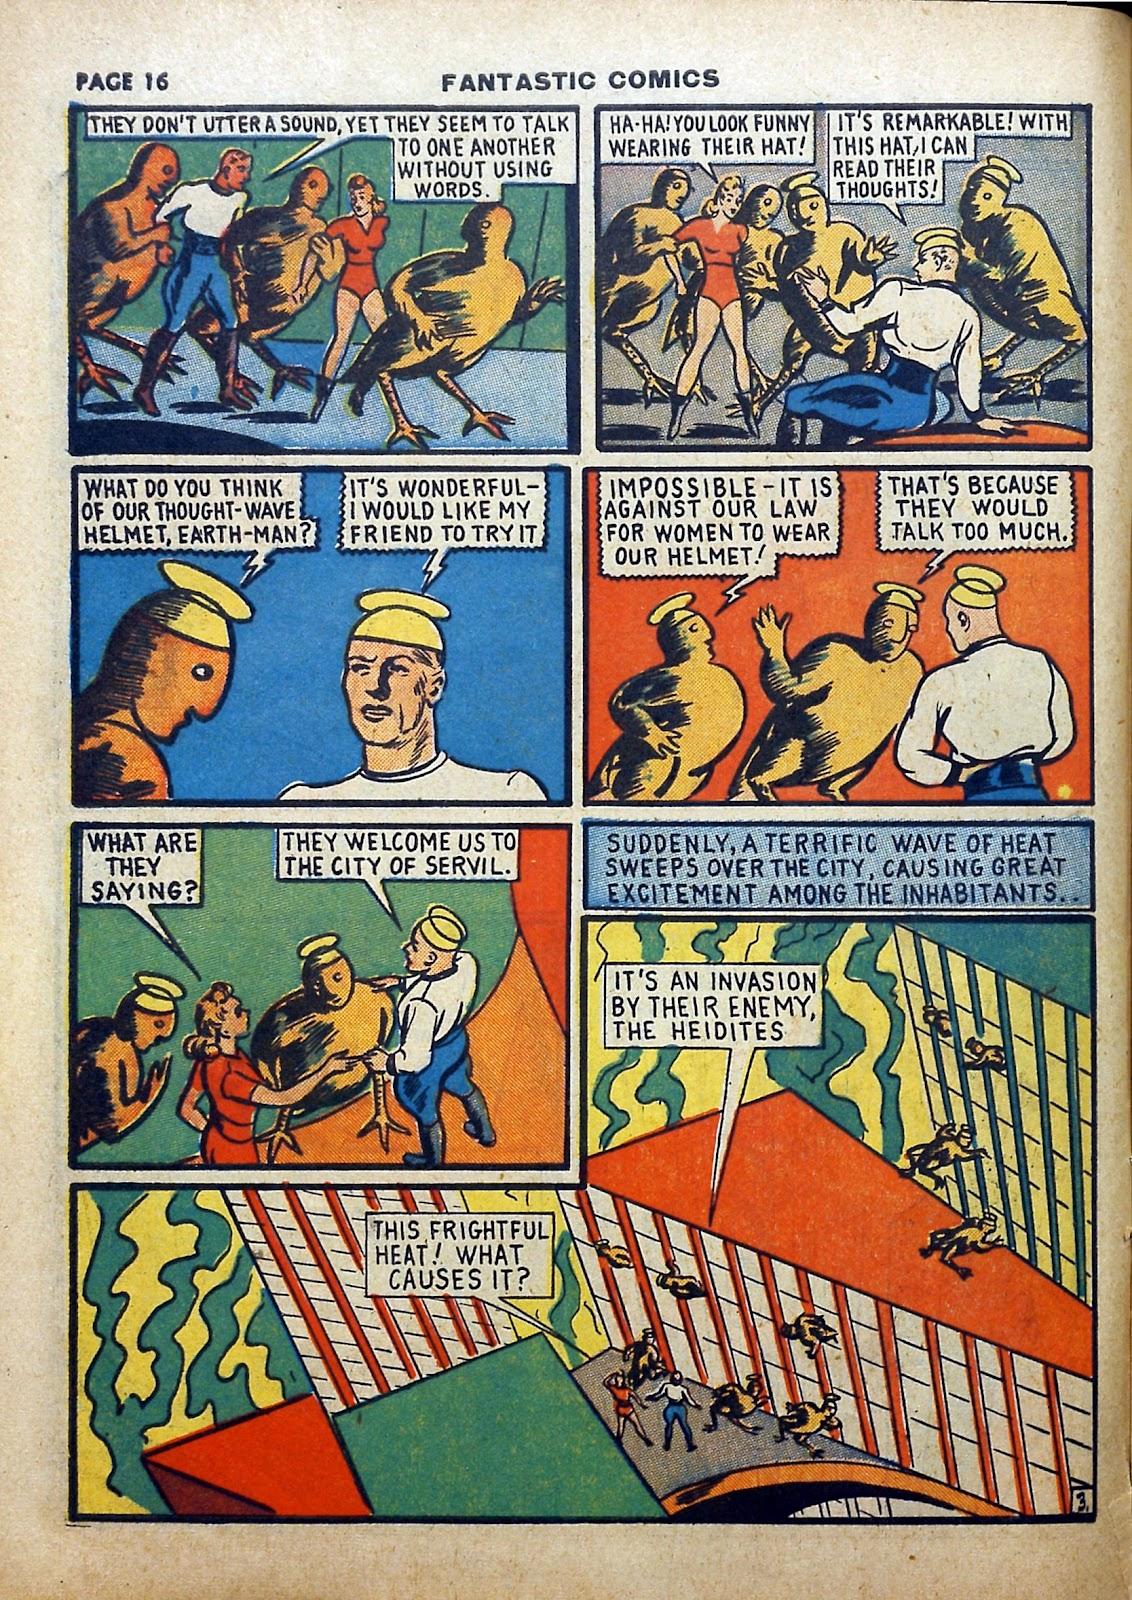 Read online Fantastic Comics comic -  Issue #5 - 17